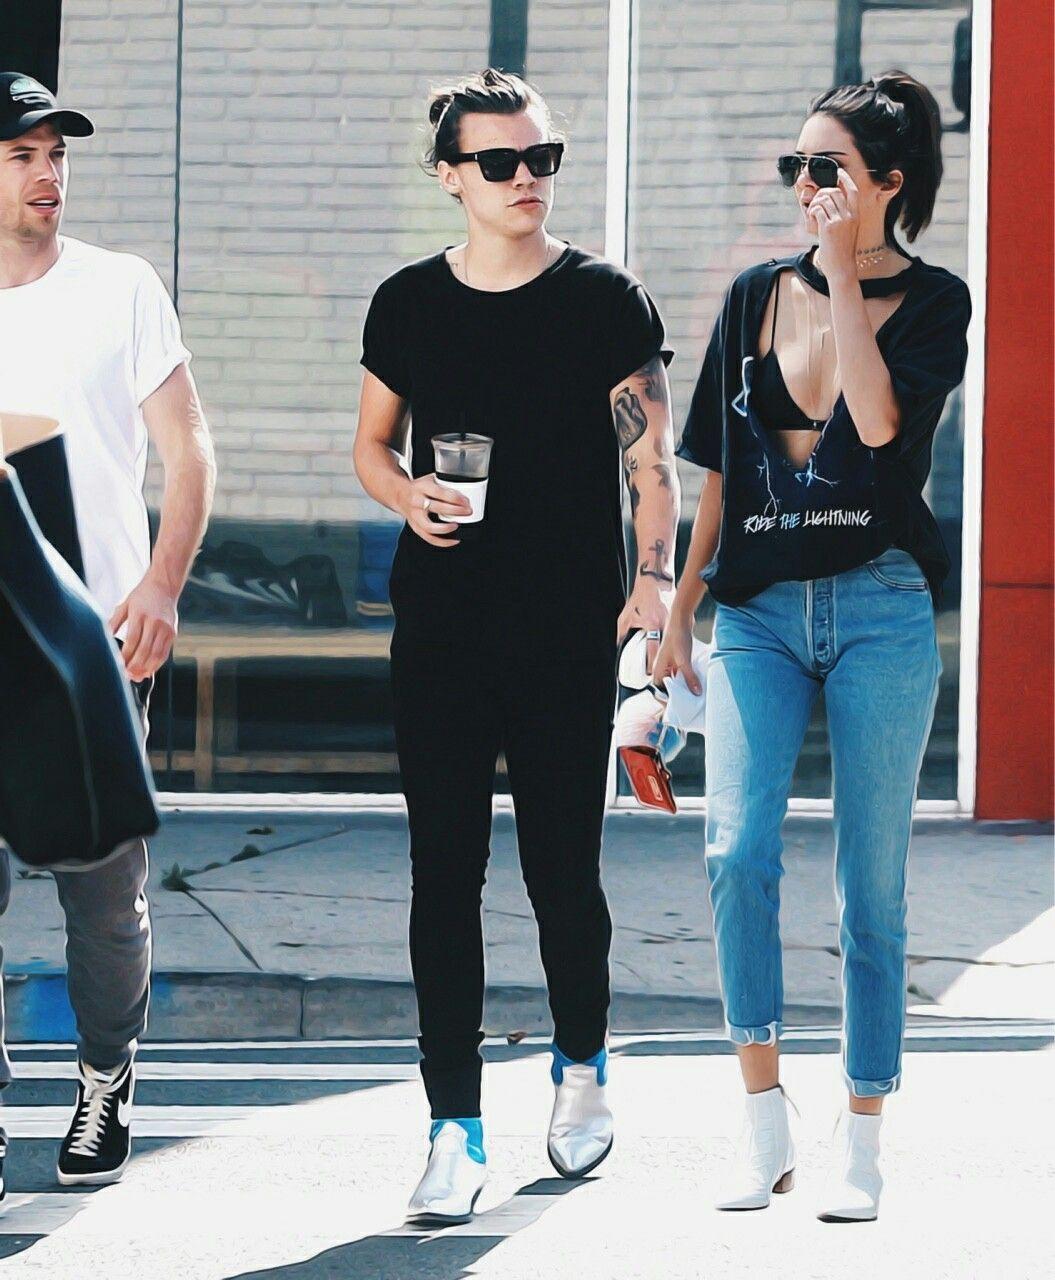 Kasual hingga Formal, Ini Gaya Outfit Kendall Jenner danHarry Styles